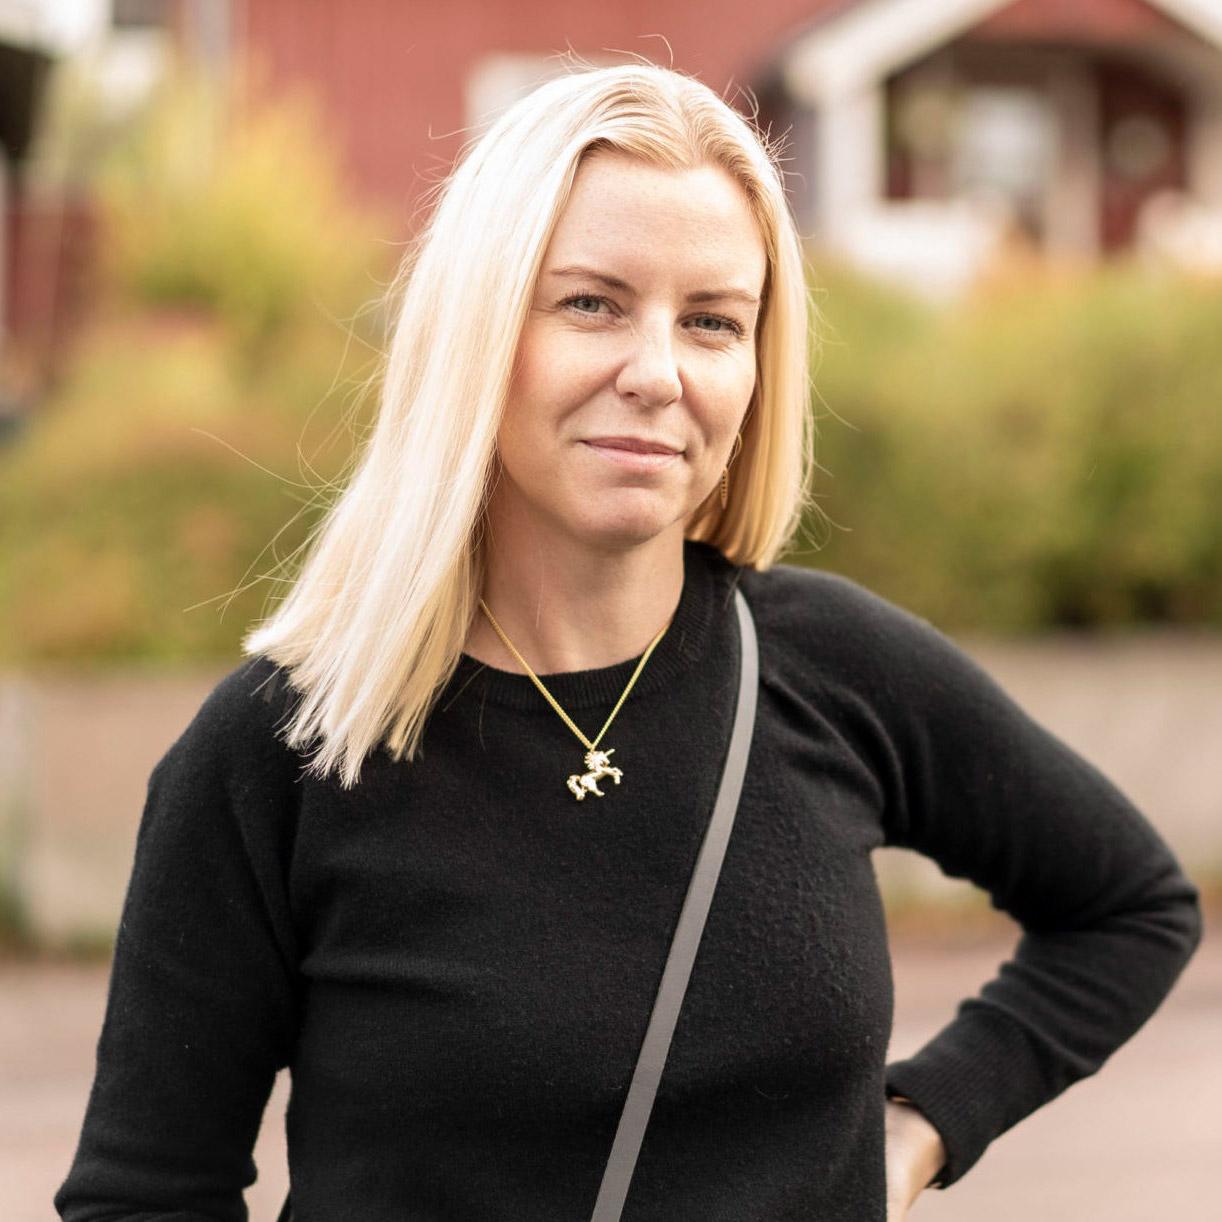 Pernilla Axelsson